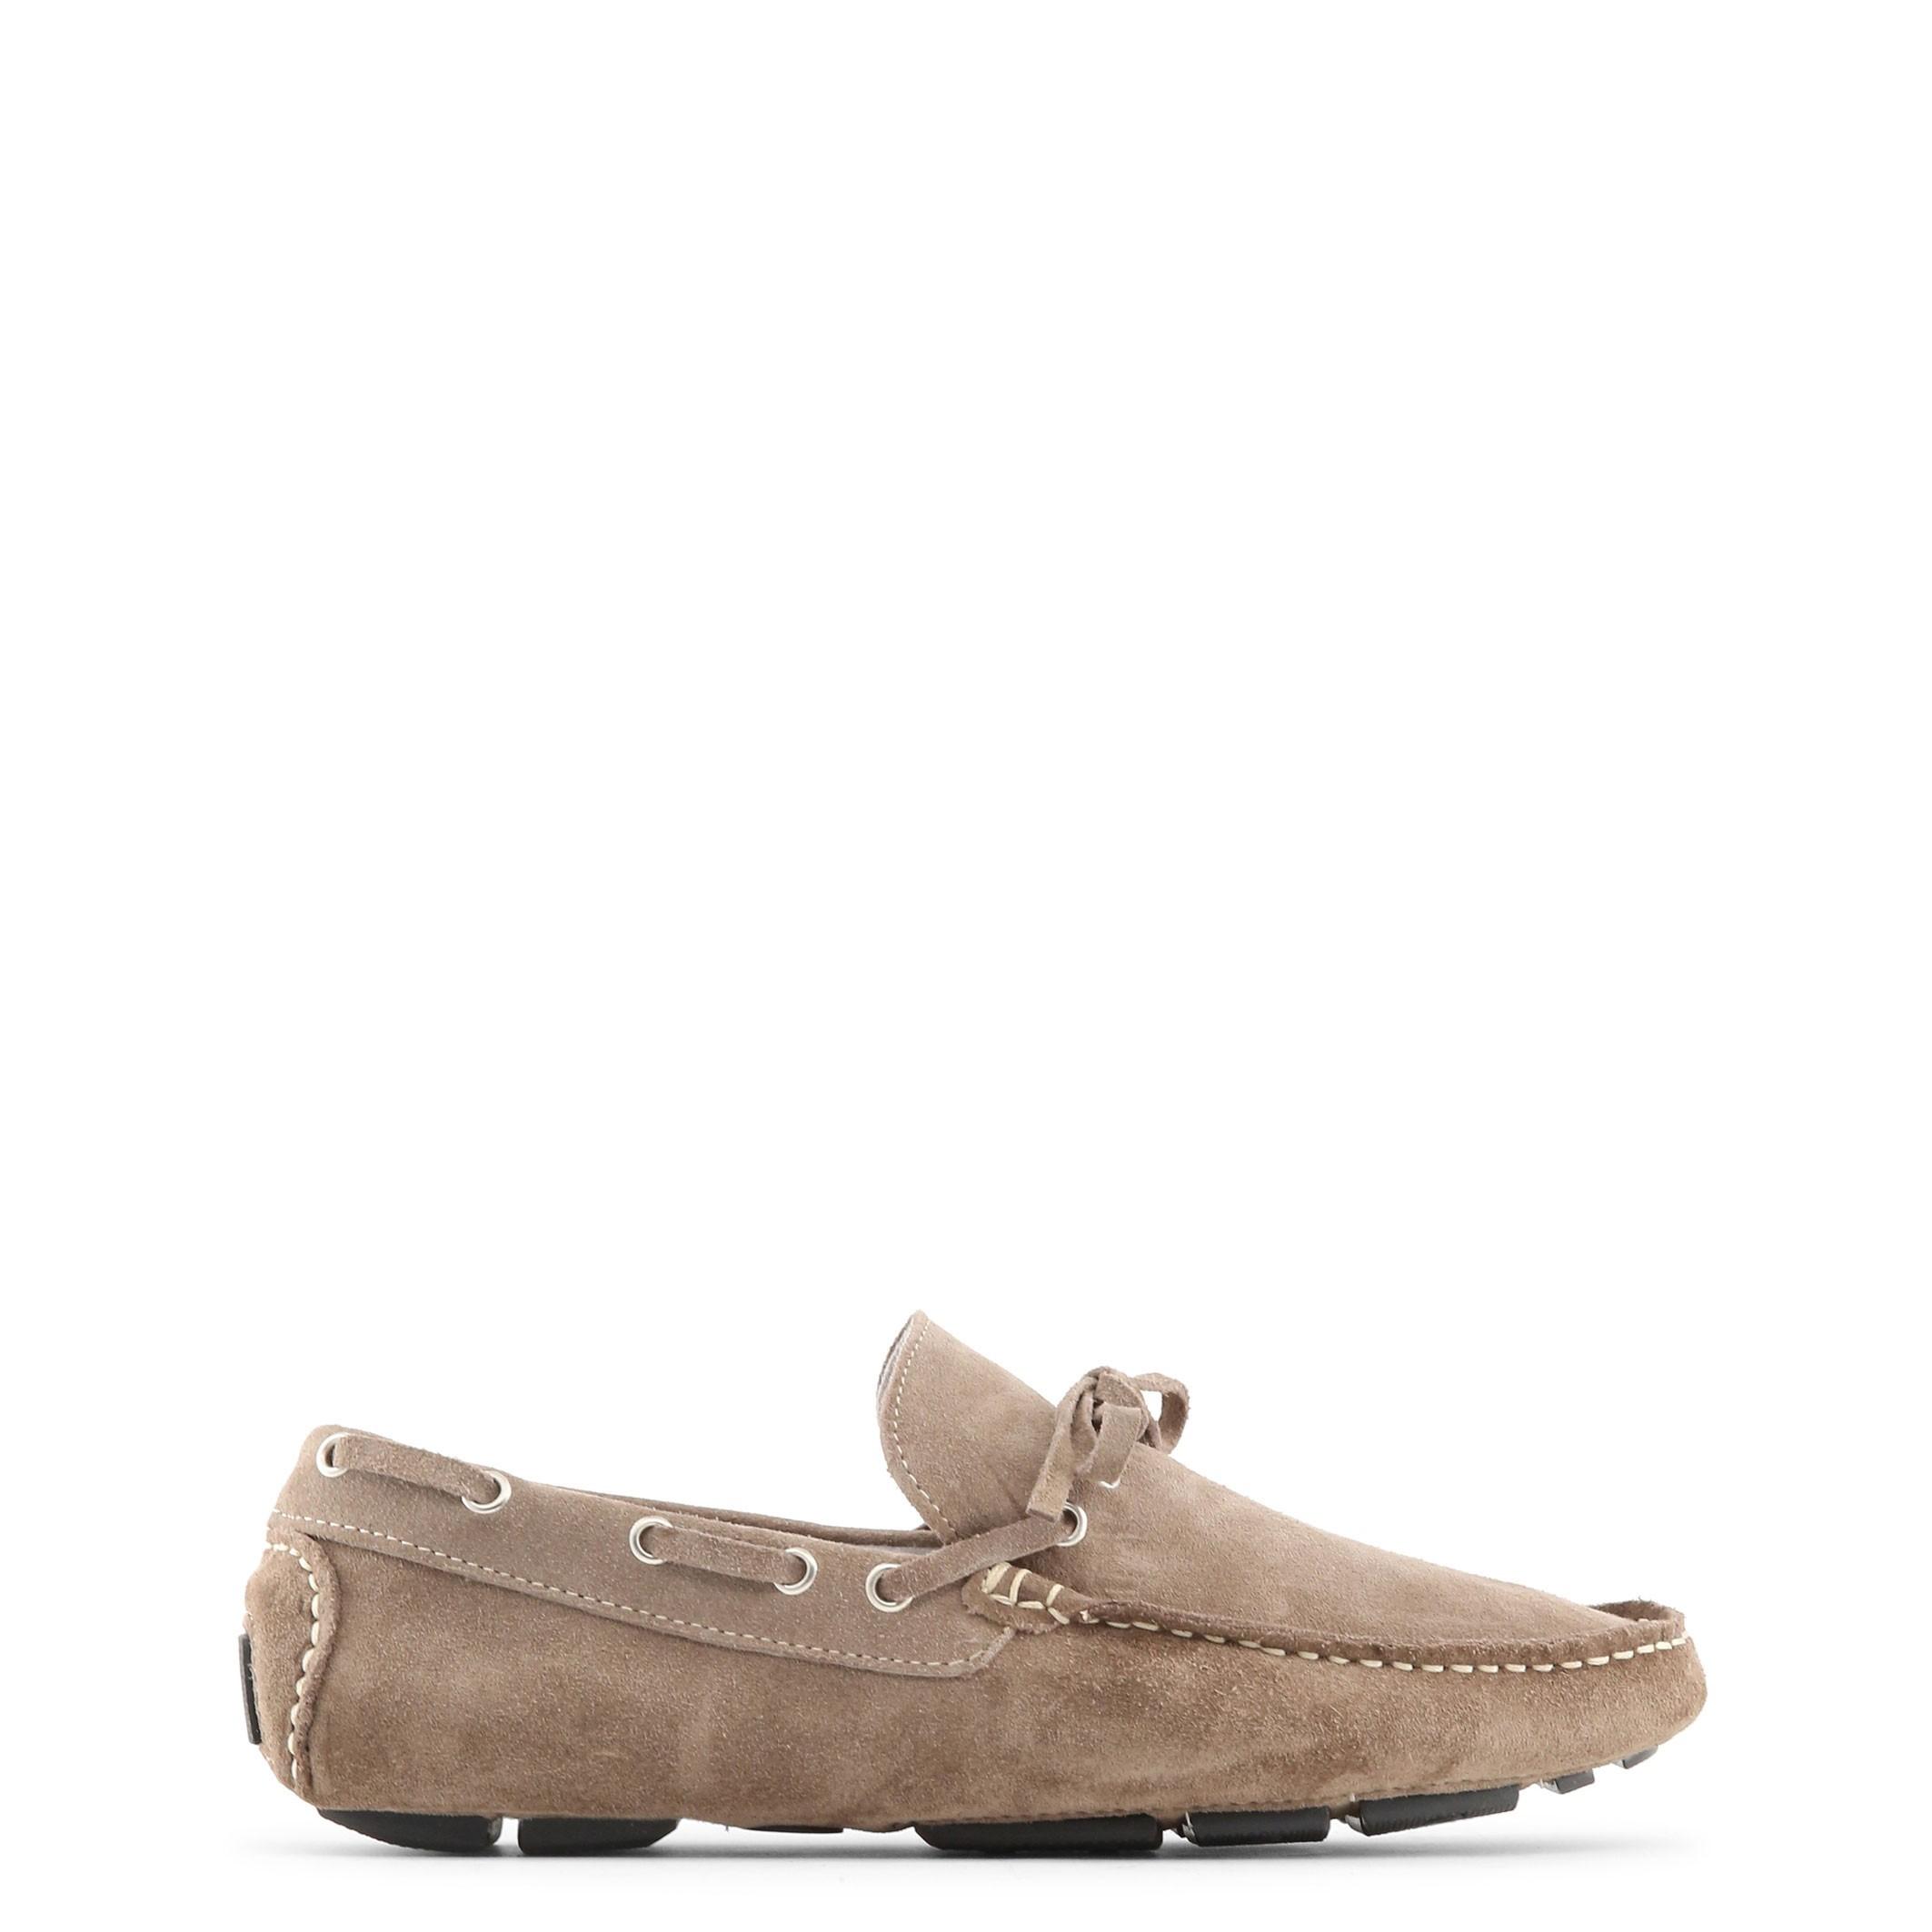 8b2e9ff8fd3 Hommes  chaussures Made in Italia Mocassins en marron en taille 43  Pietro-afficher Chaussures décontractées